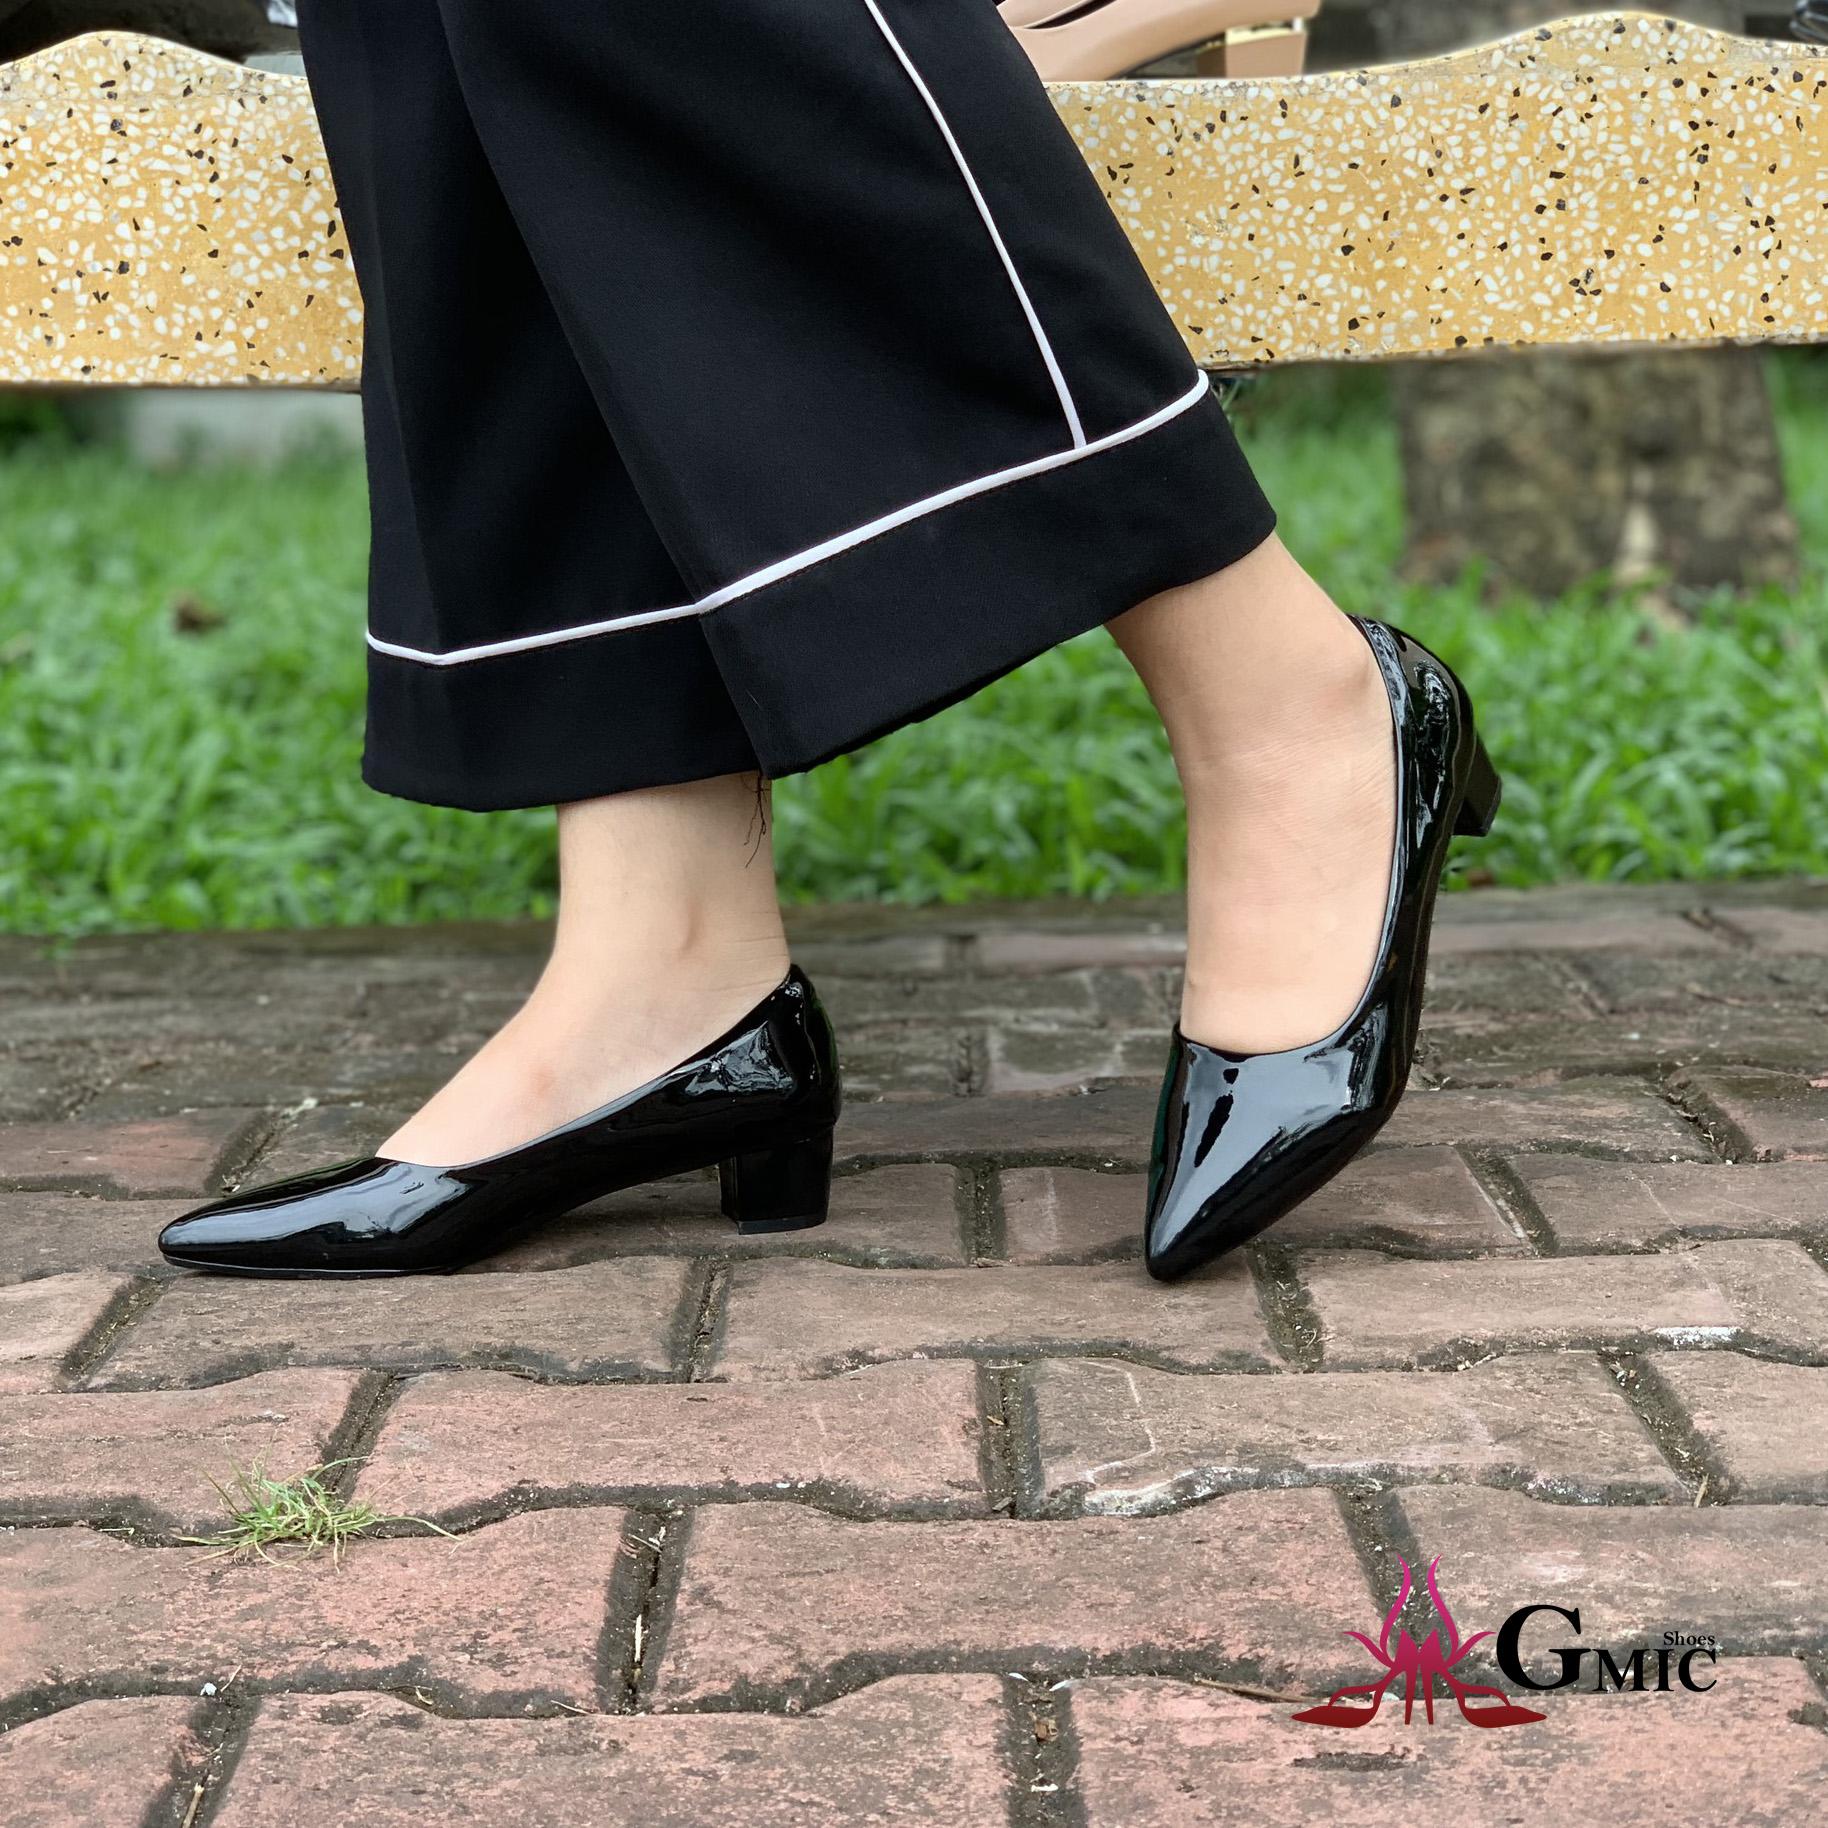 Giày Cao Gót Mũi Nhọn Cao Cấp, Chất Lượng   Giày Cao Gót Mũi Nhọn Kiểu Dáng Công Sở  Cao 3P, Êm Chân NH55203